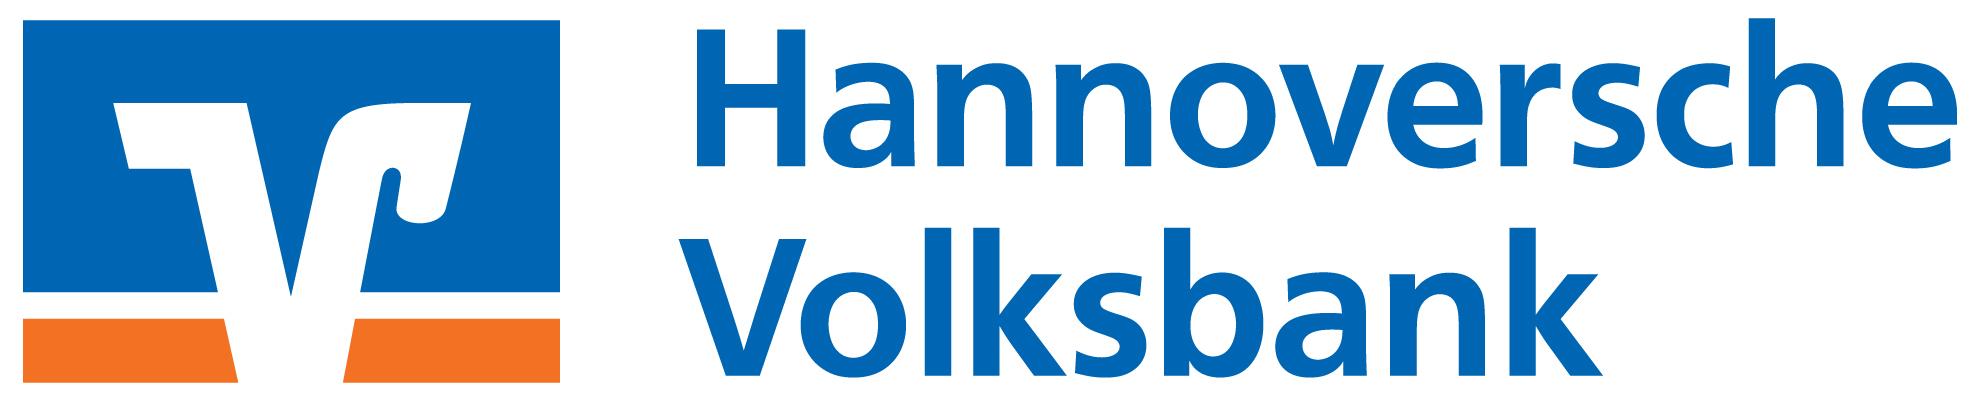 Hannoversche Volksbank eG SelbstbedienungsCenter Garbsen (Meyenfeld)